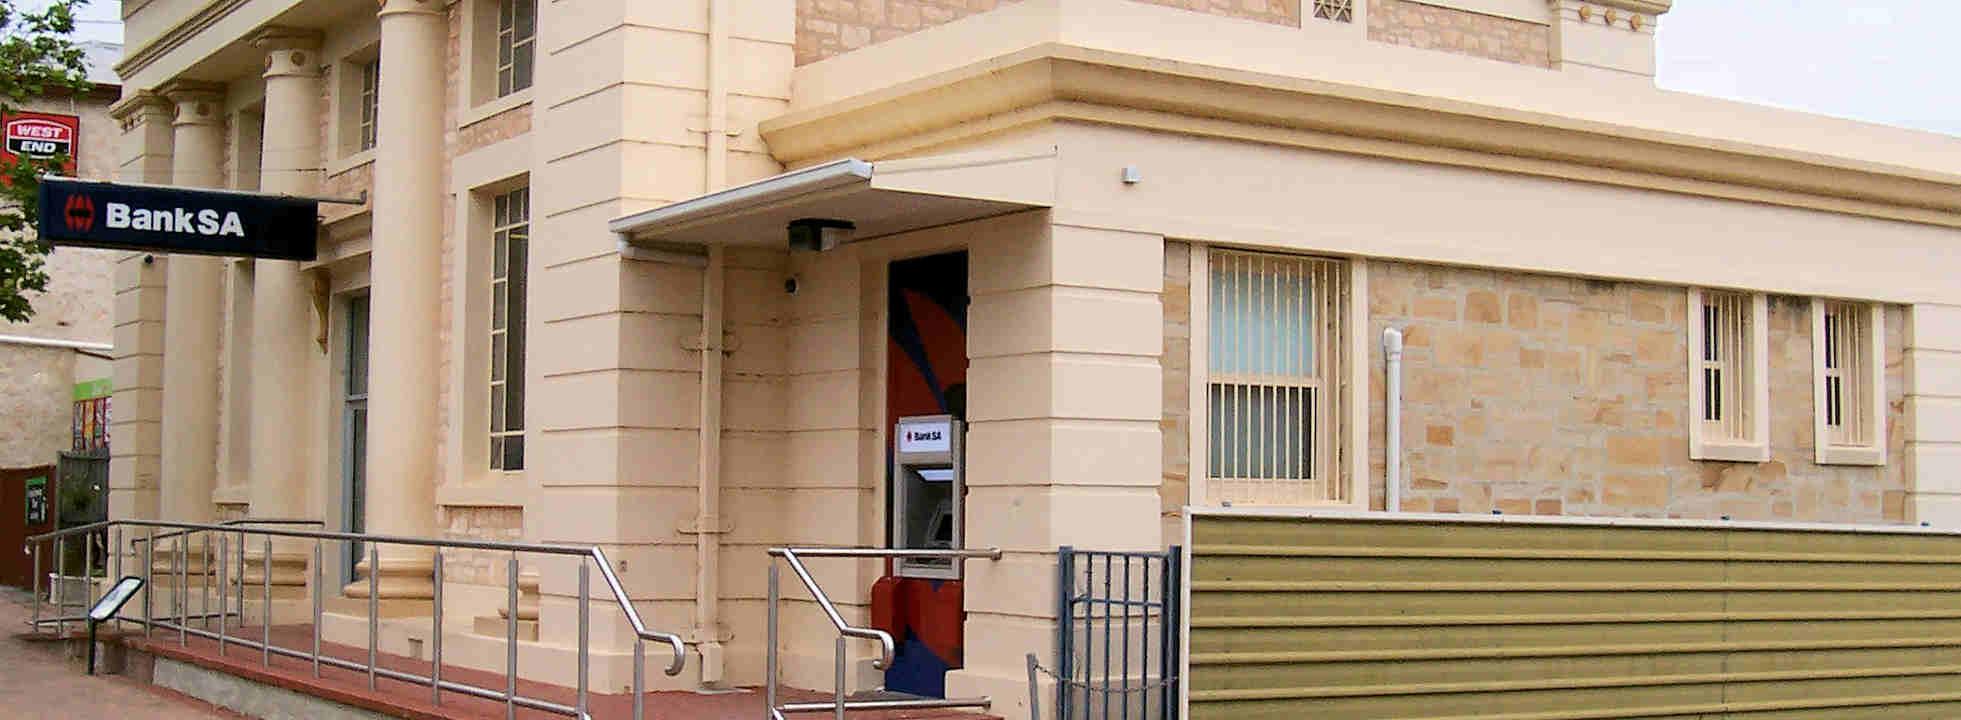 Maitland Bank SA